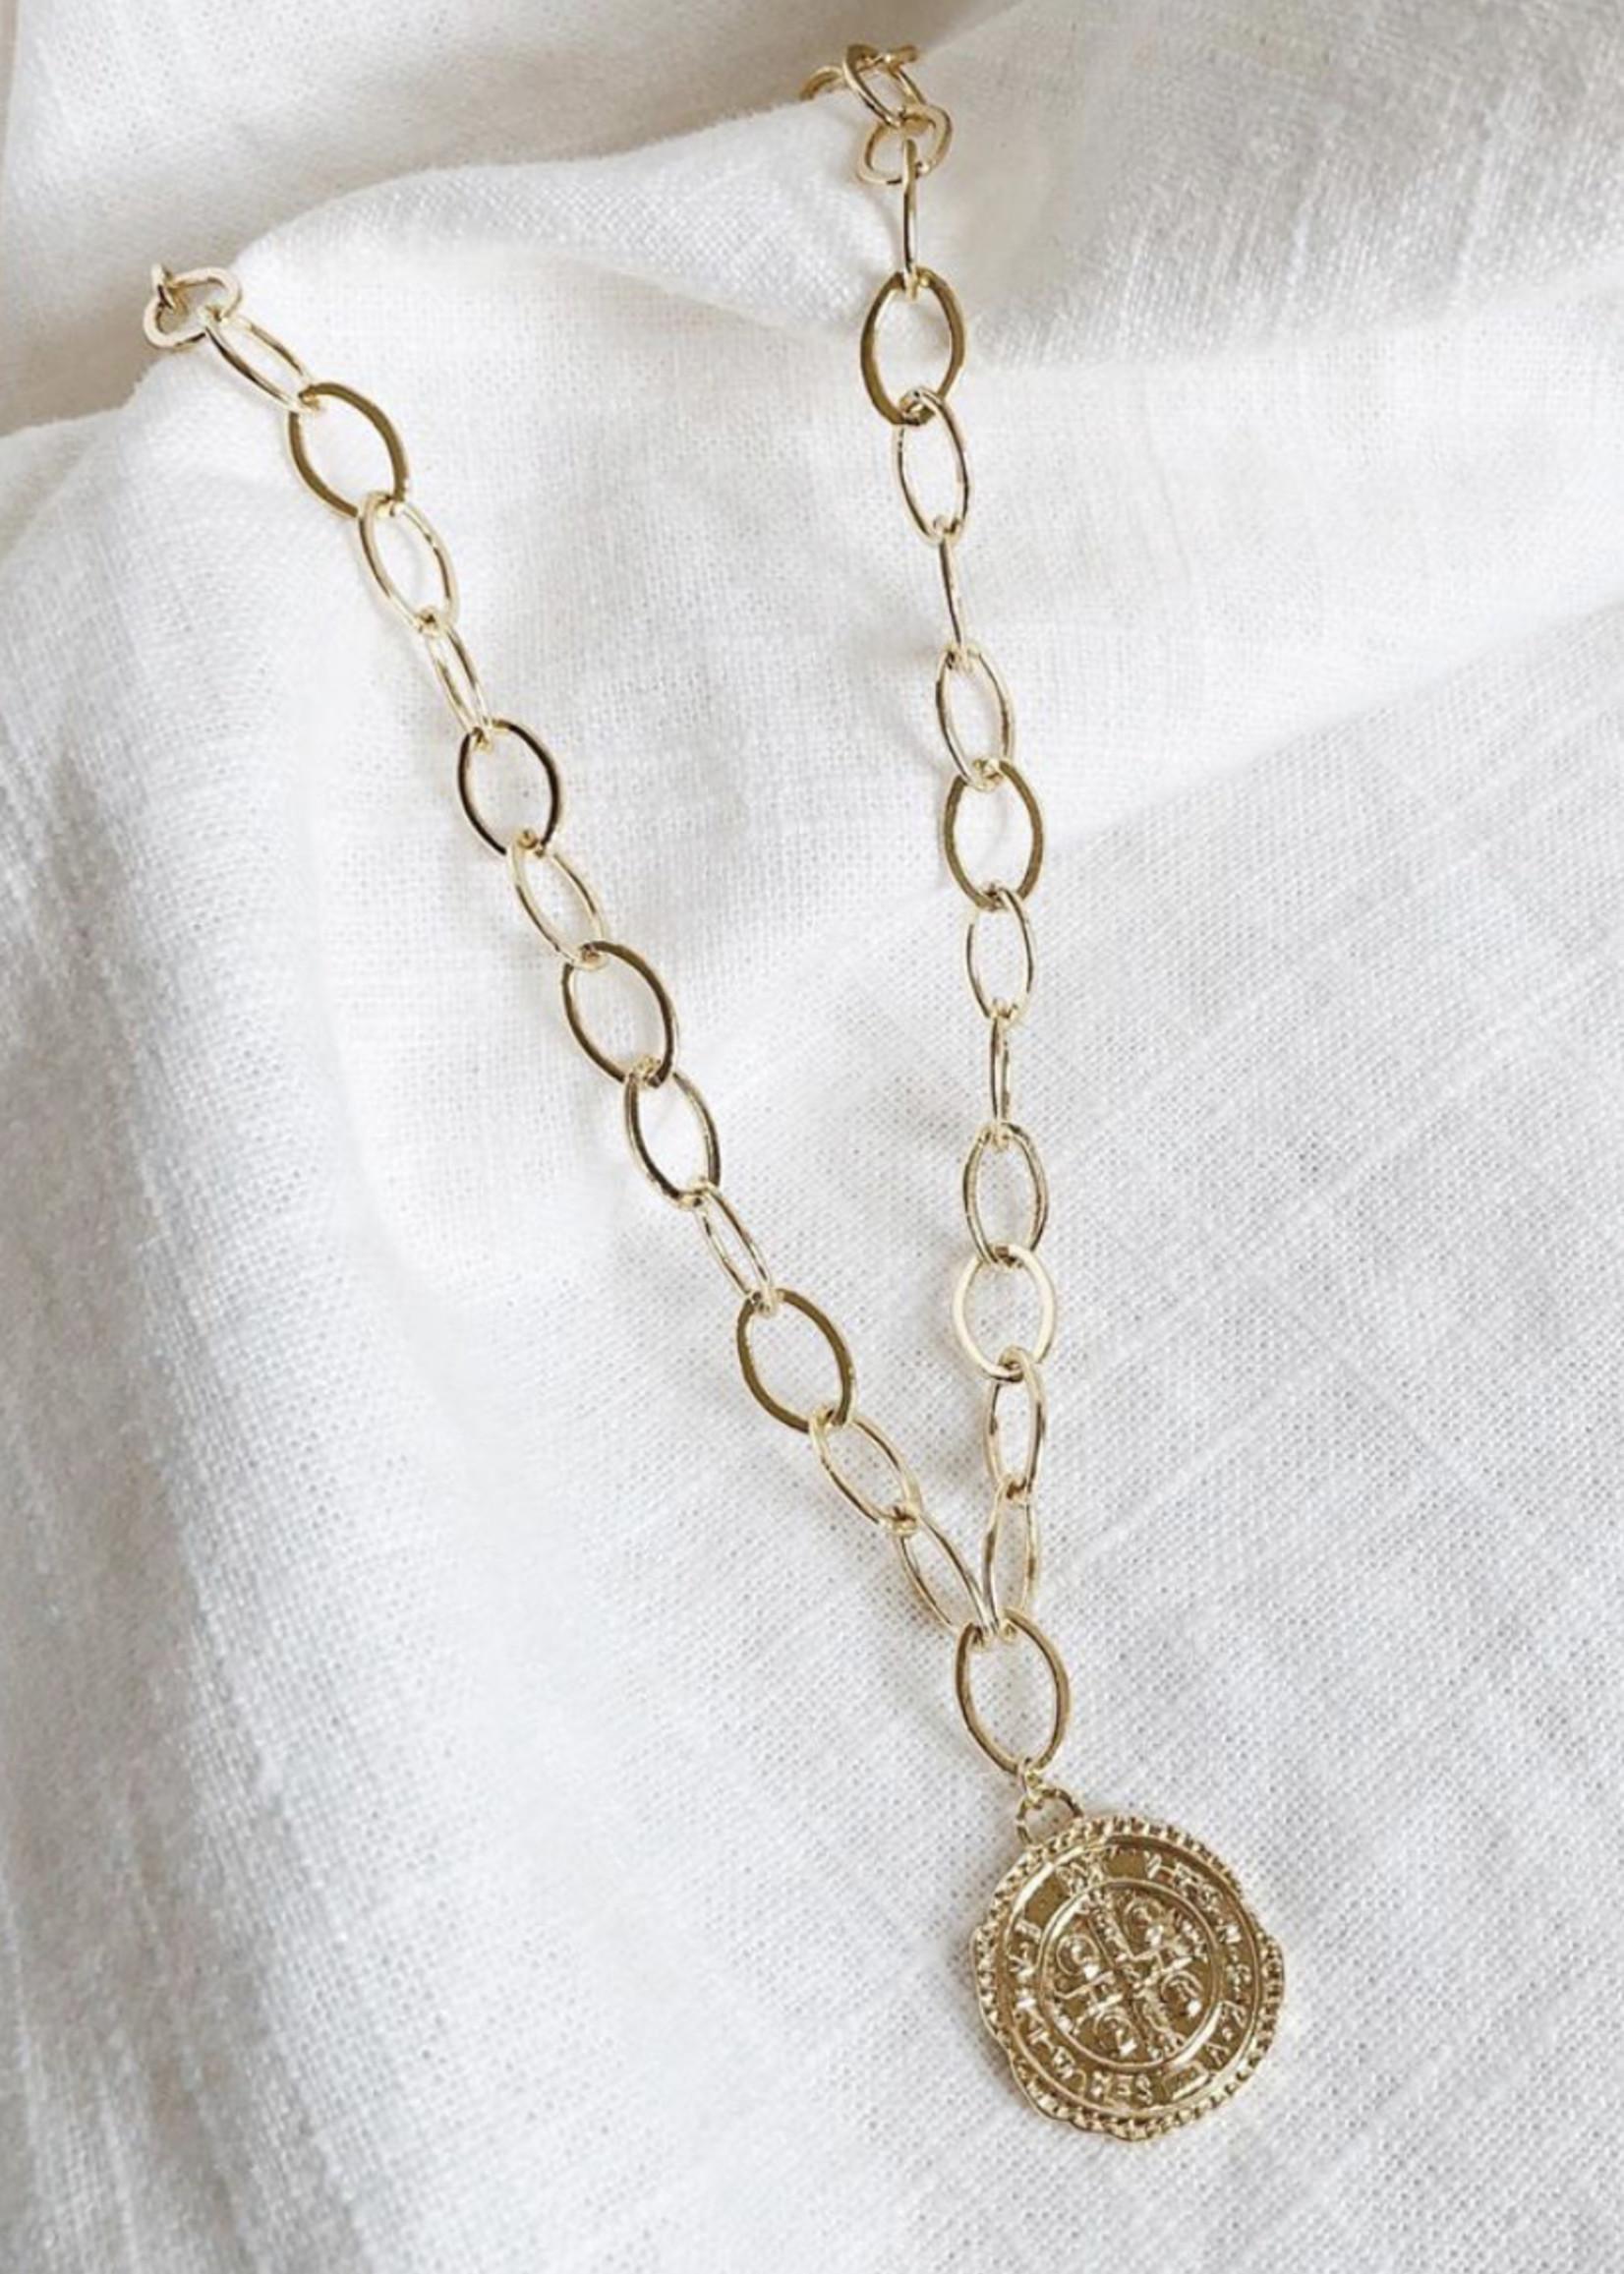 Bofemme Bofemme Medallion Necklace